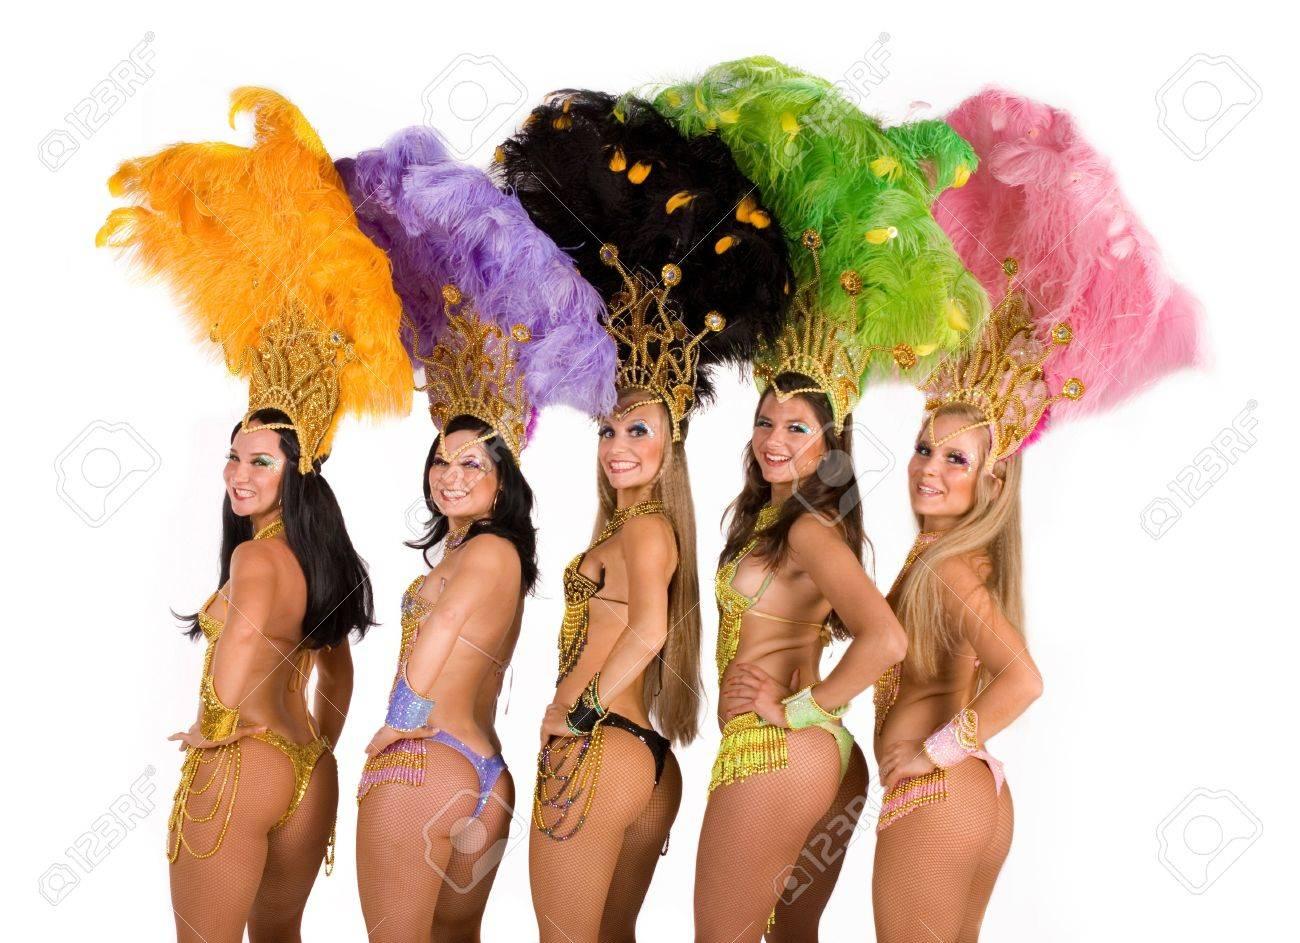 Foto de archivo , Retrato de cinco mujeres jóvenes con trajes de Carnaval contra el fondo blanco